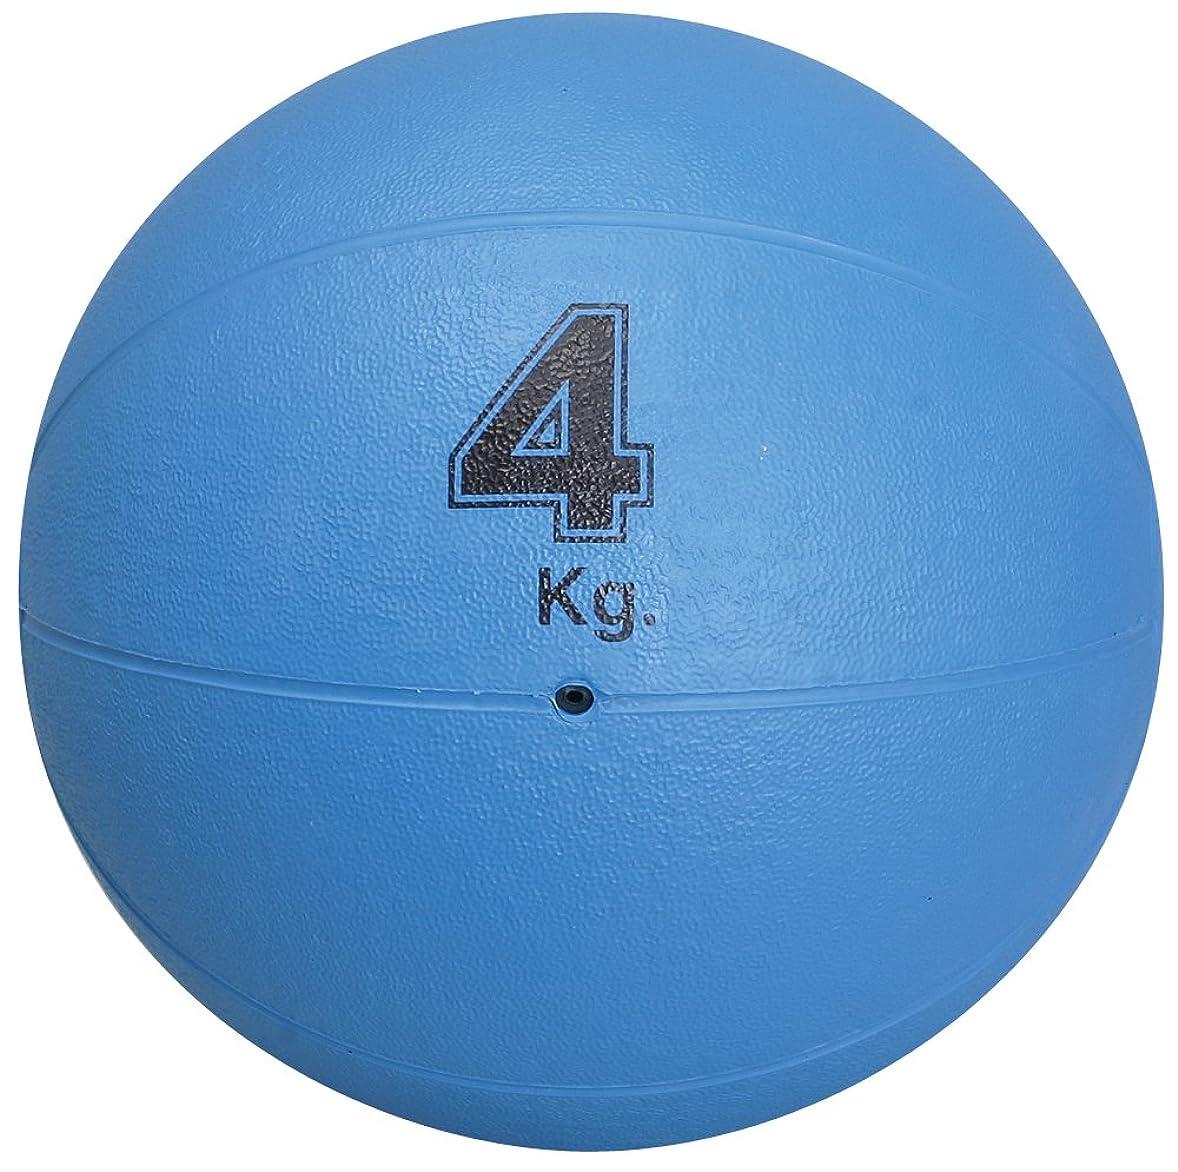 続編獲物みなす秦運動具工業 メディシンボール 4kg MB5140